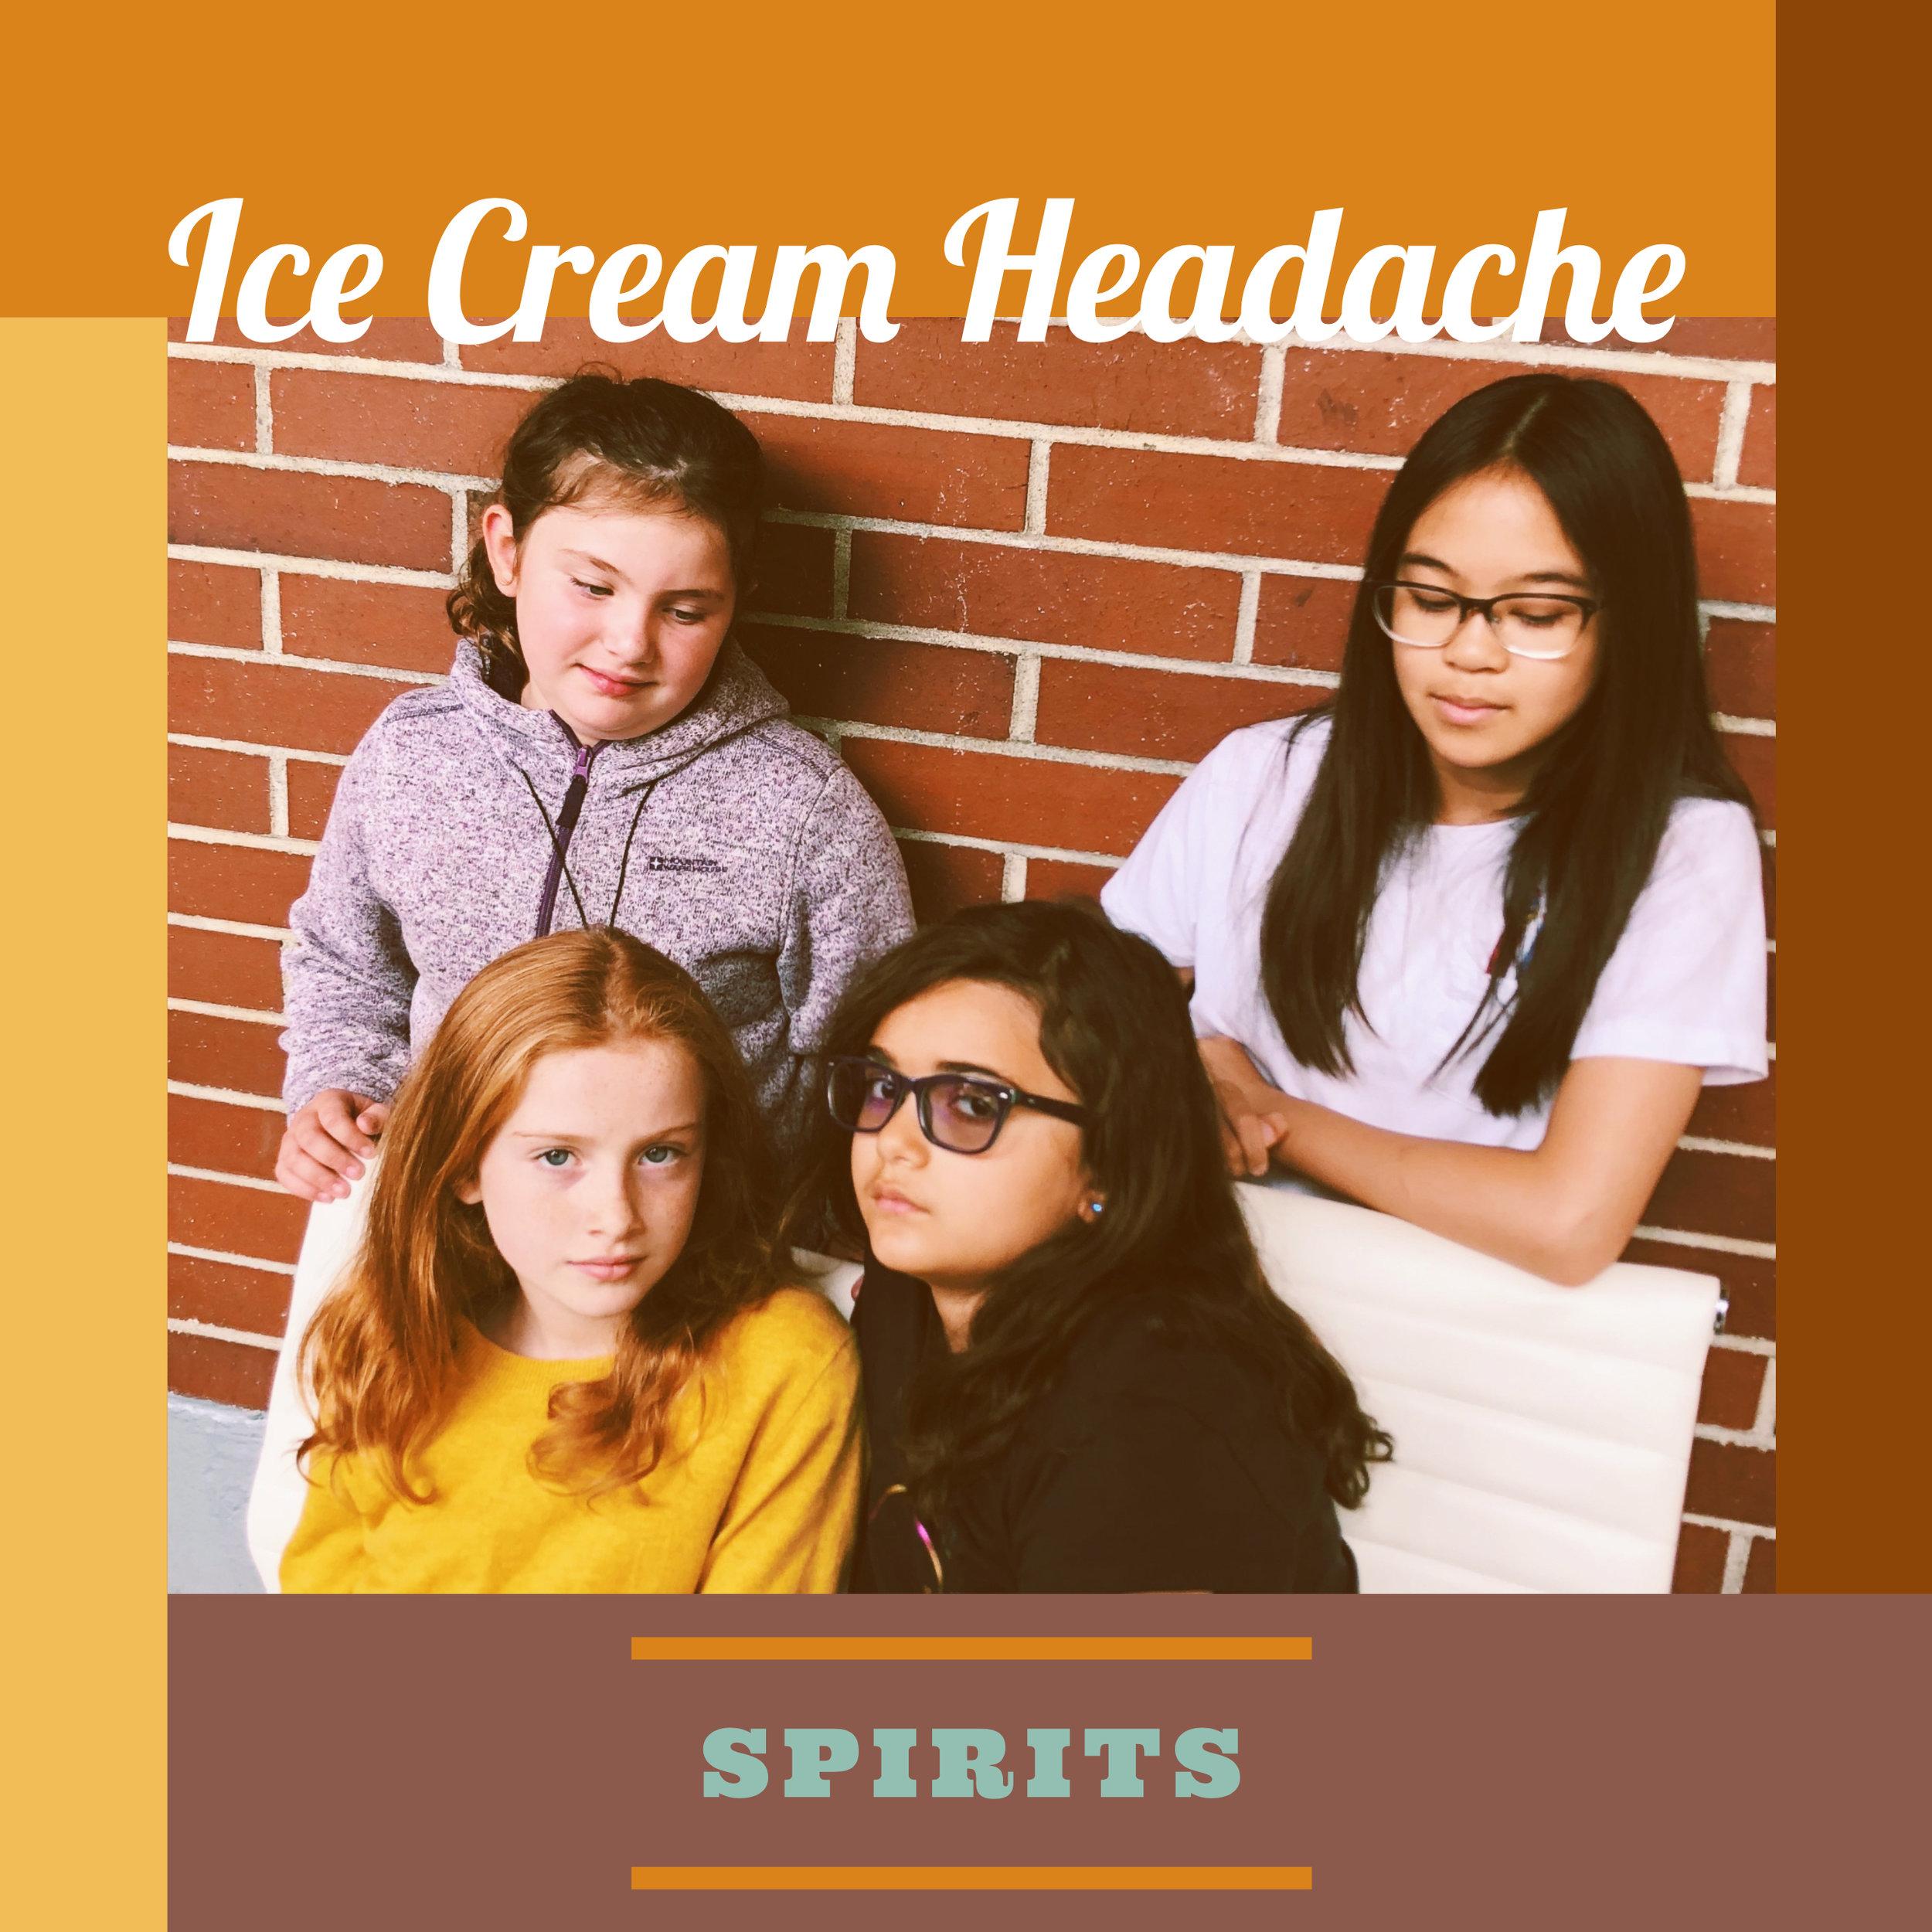 IceCreamHeadache_Spirits.jpg